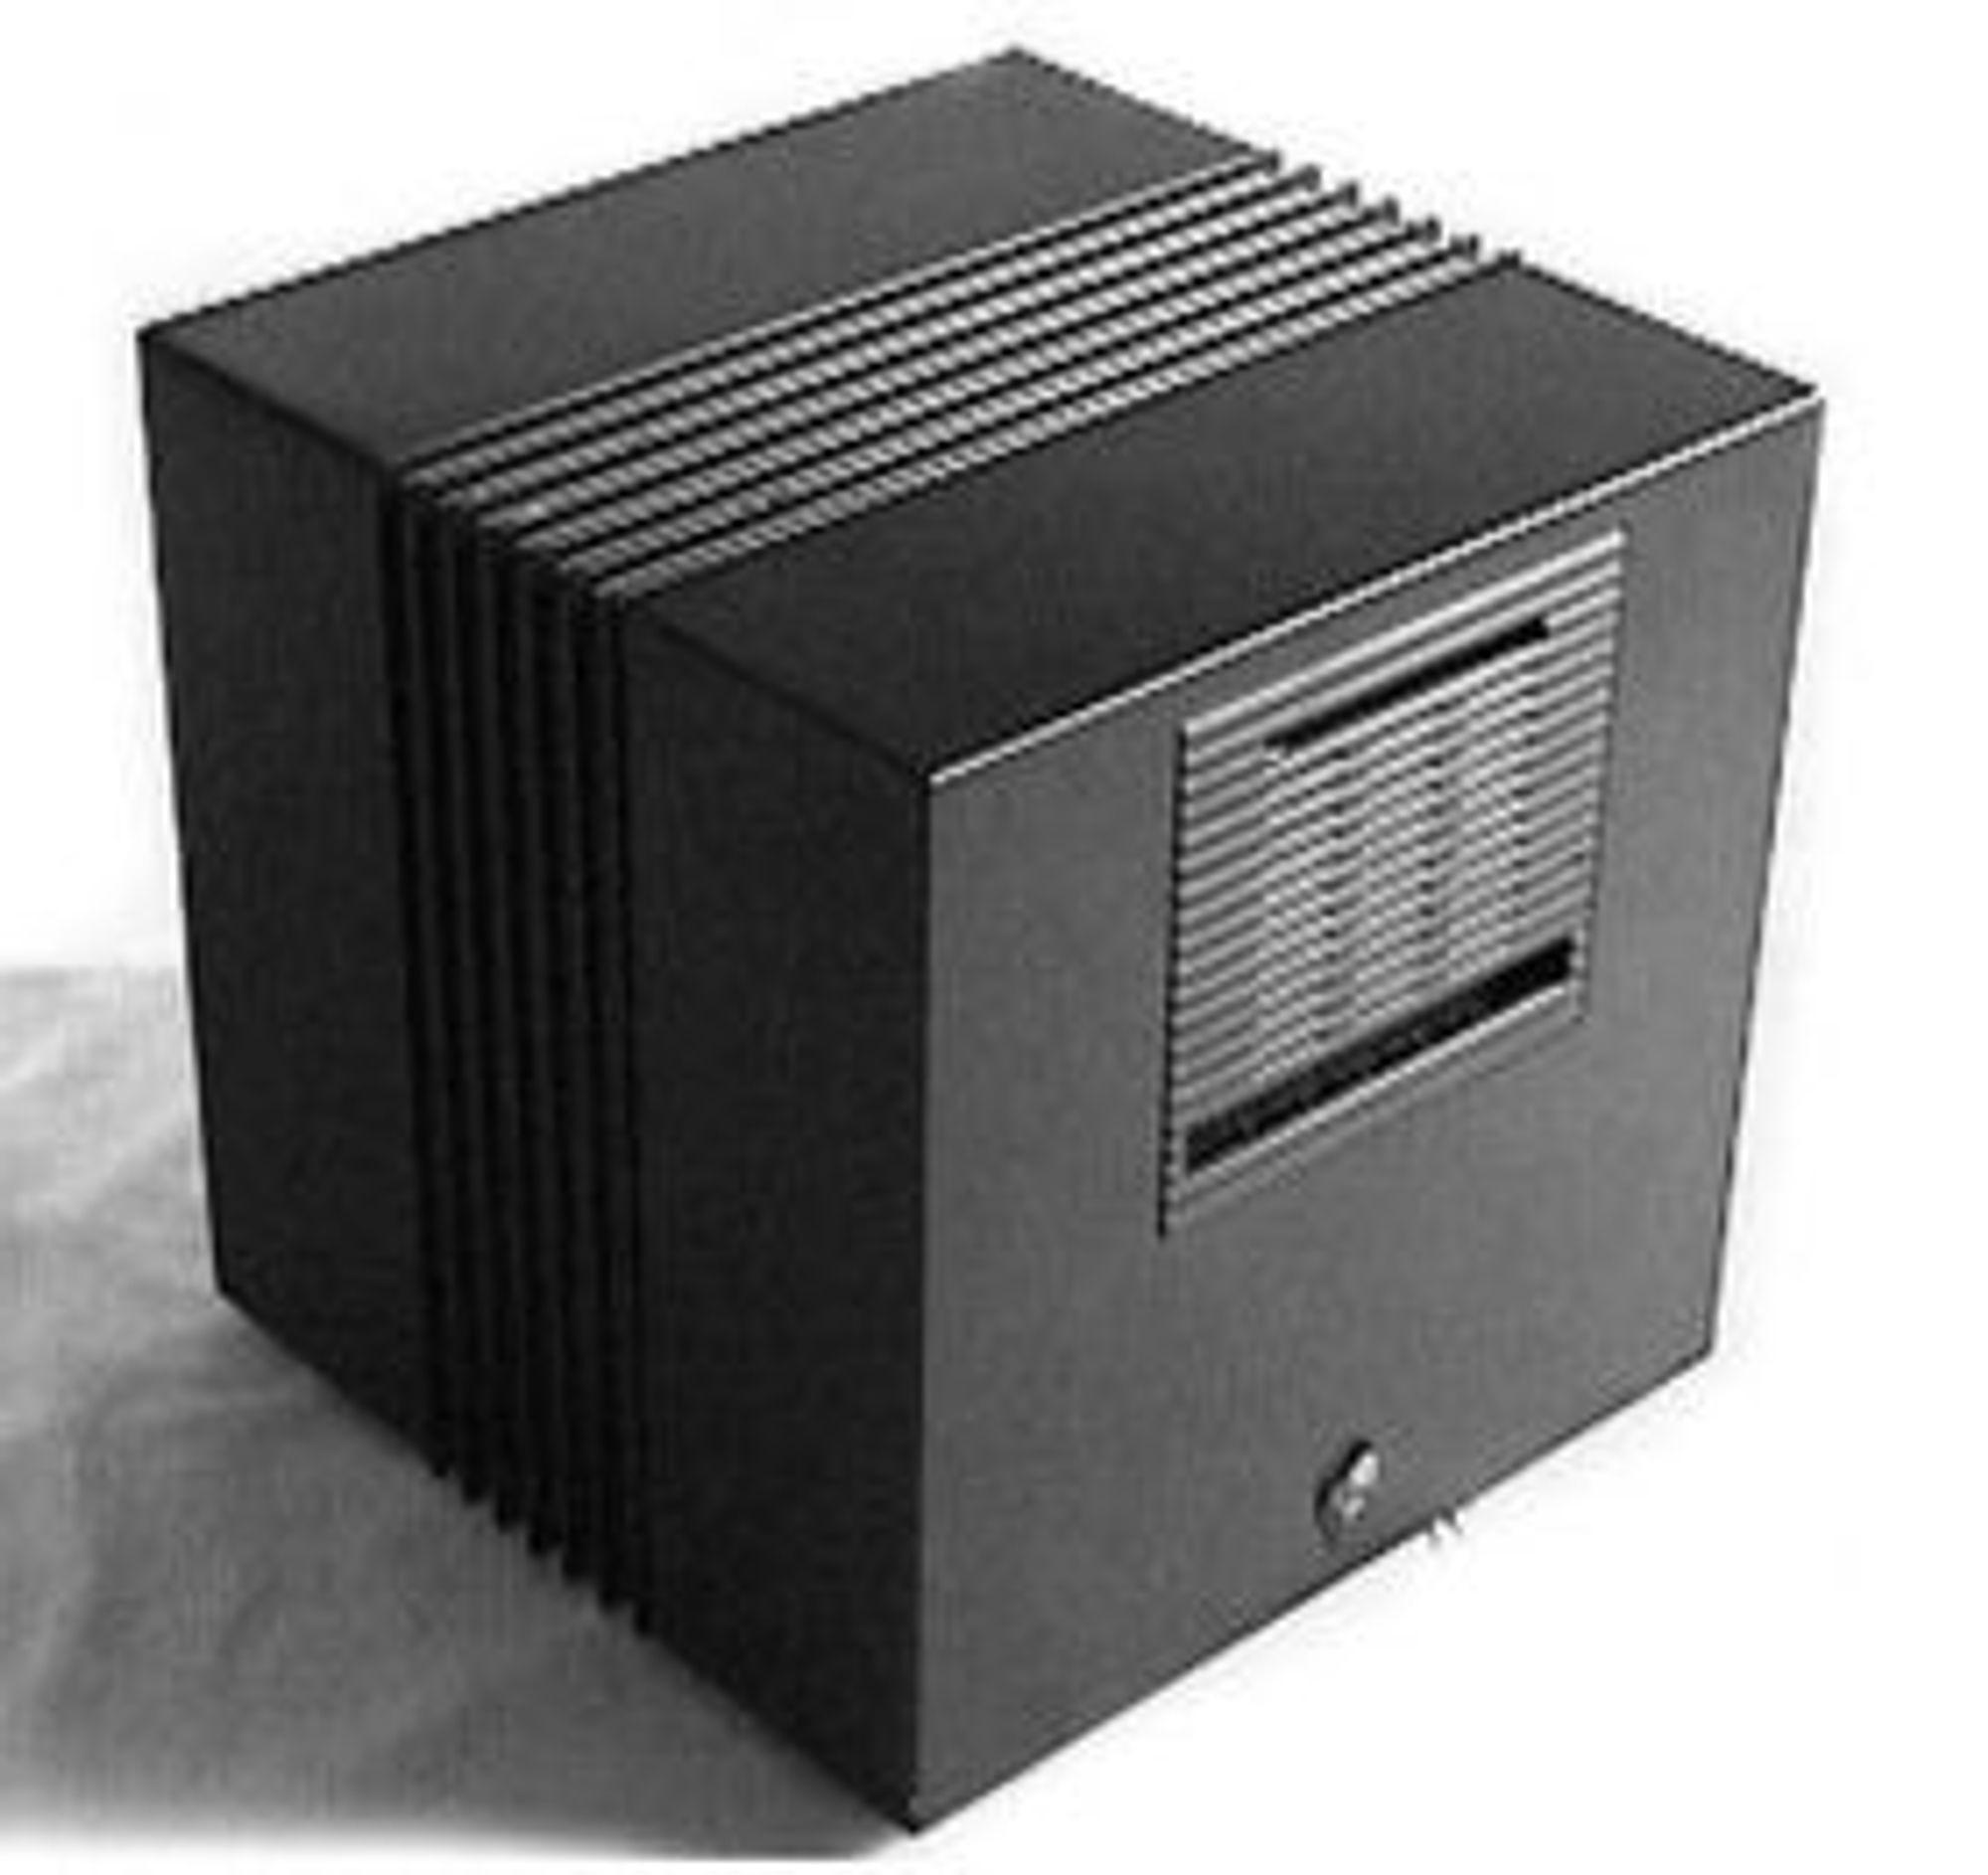 Verdens første webserver og nettsted ble kjørt på en maskin som dette, en NeXTcube fra NeXT.